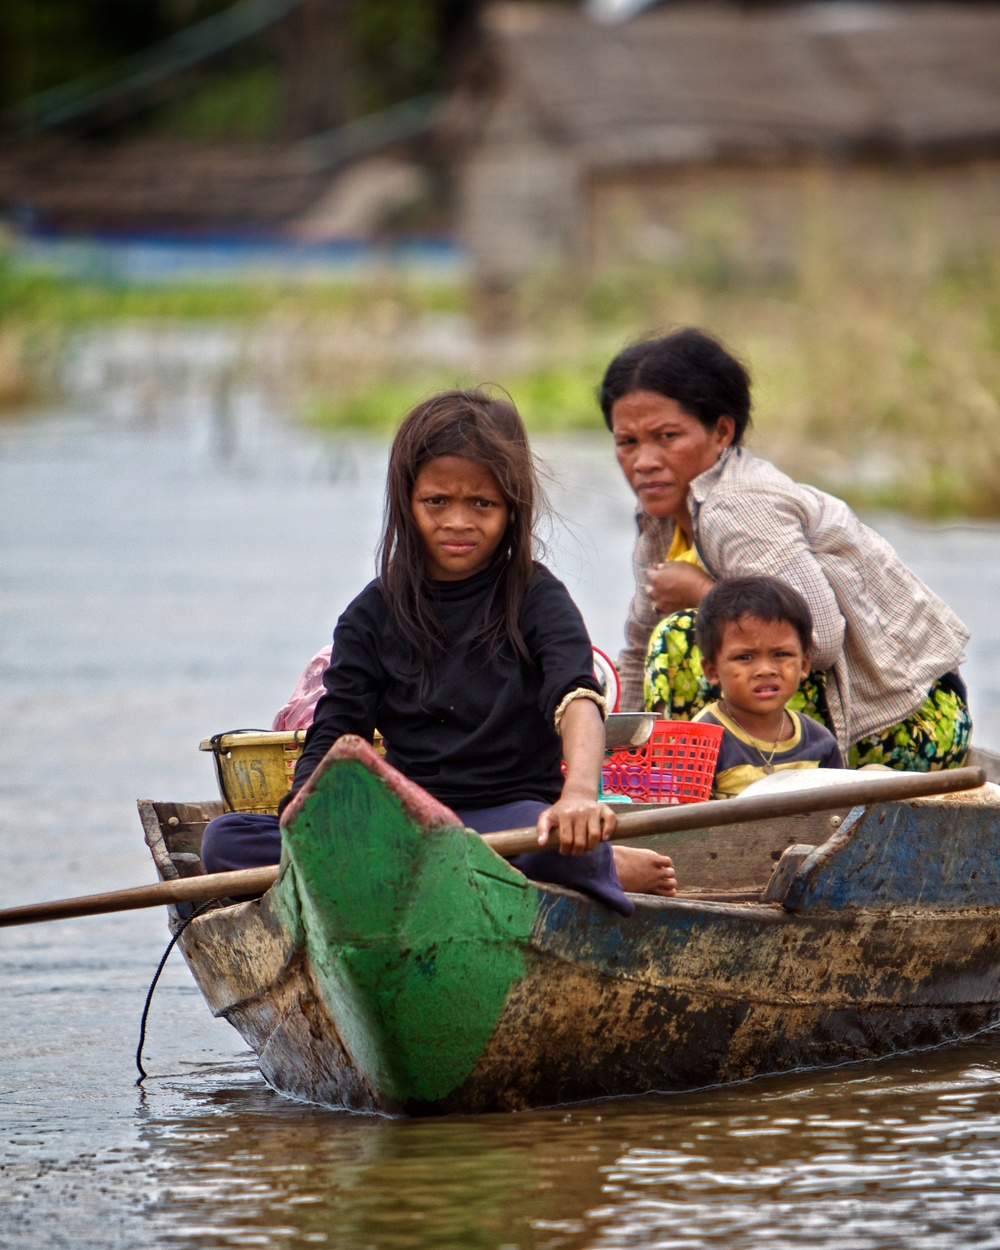 Family on the lake.jpg